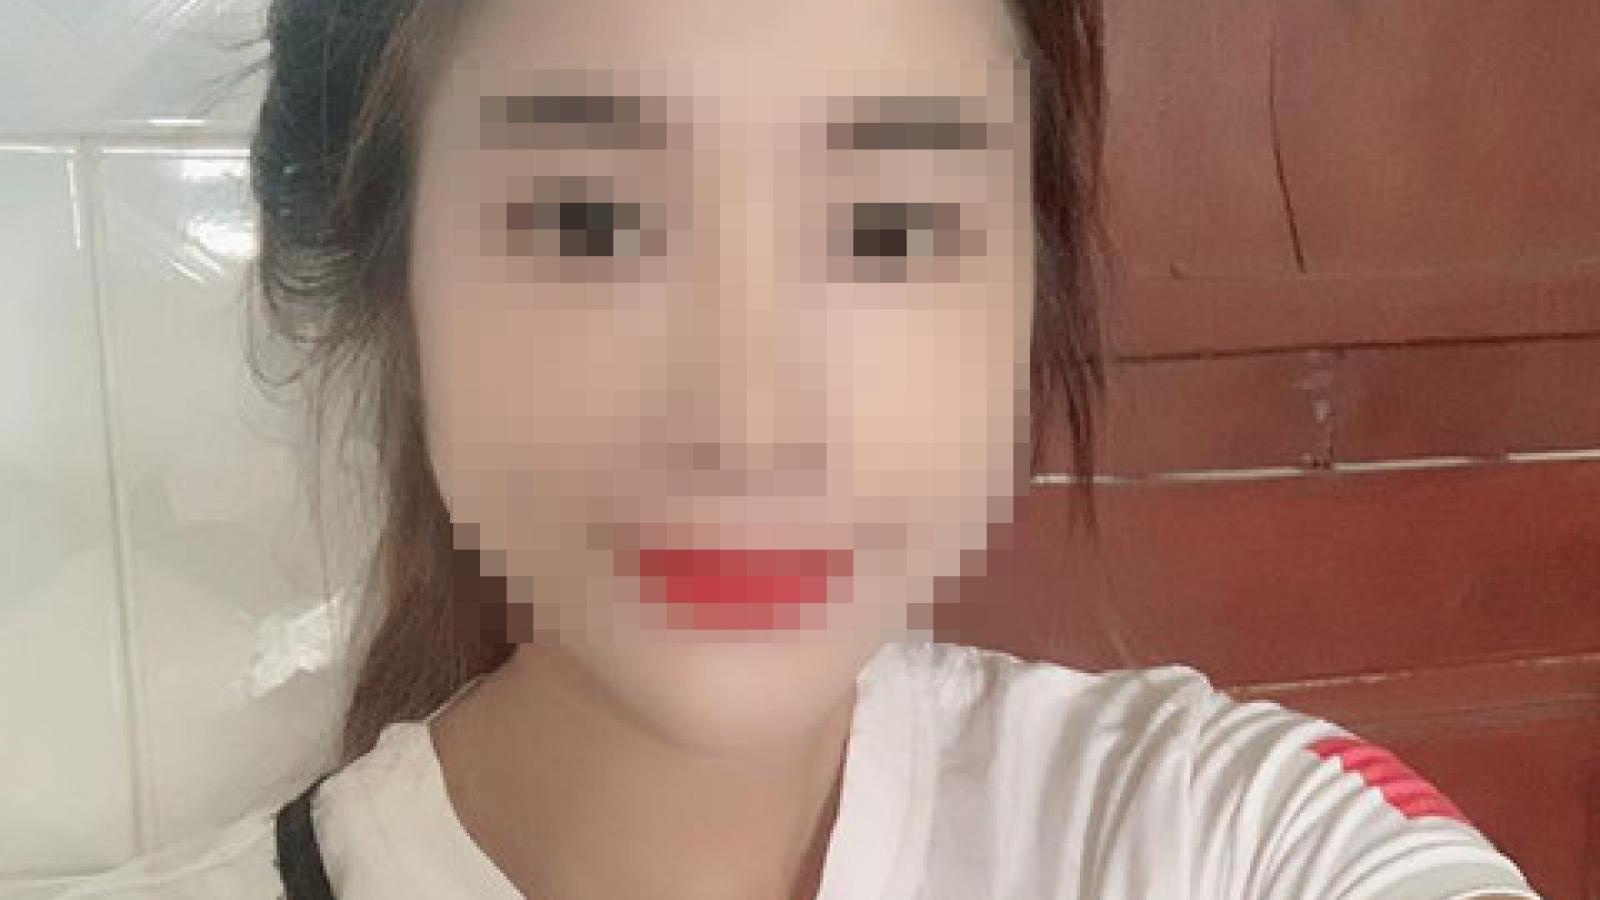 Xác minh thông tin cô gái bị lừa bán sang Myanmar làm vợ